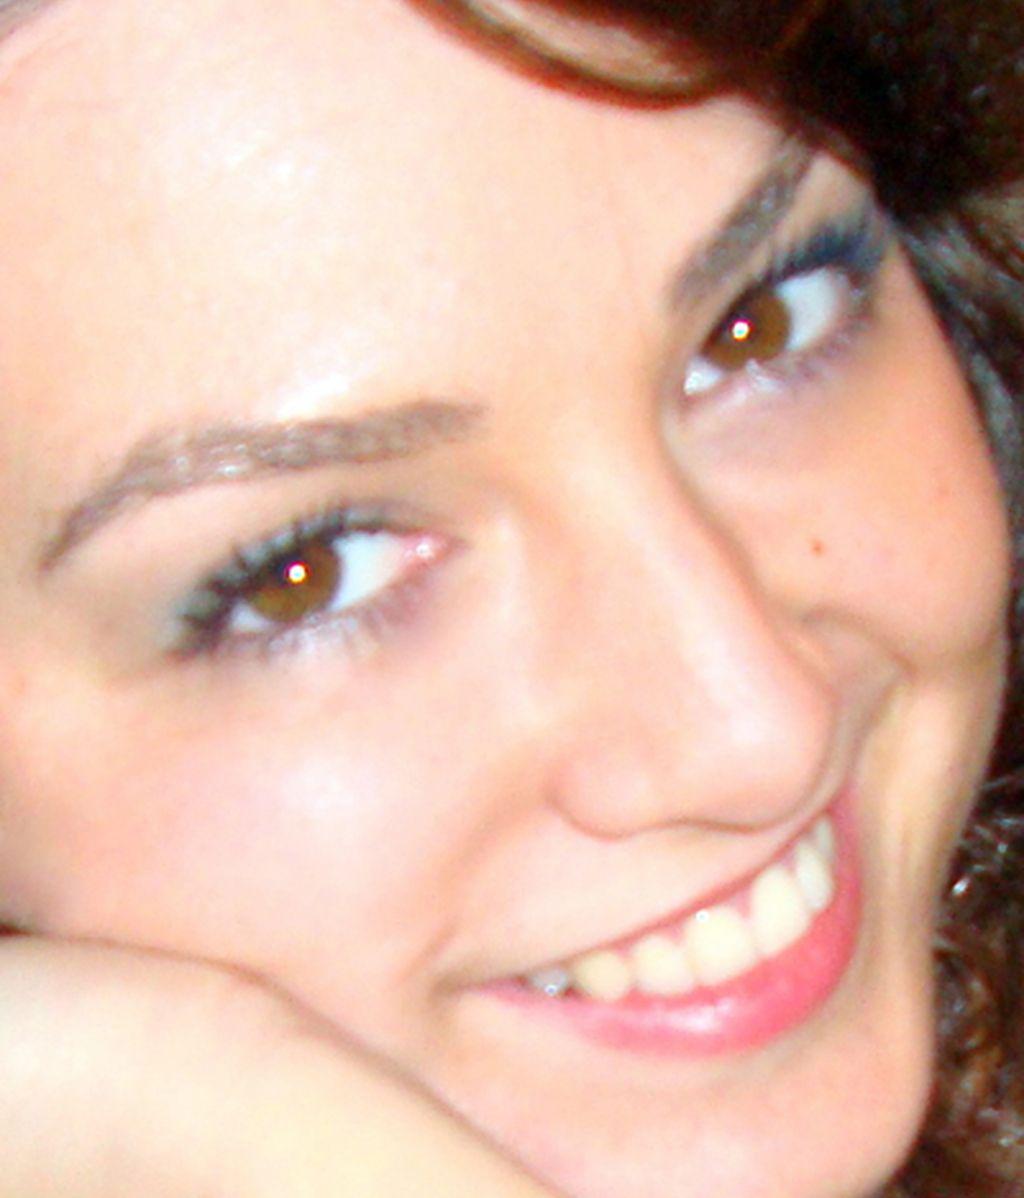 Concurso 'Sonrisa 10' de Oral-B